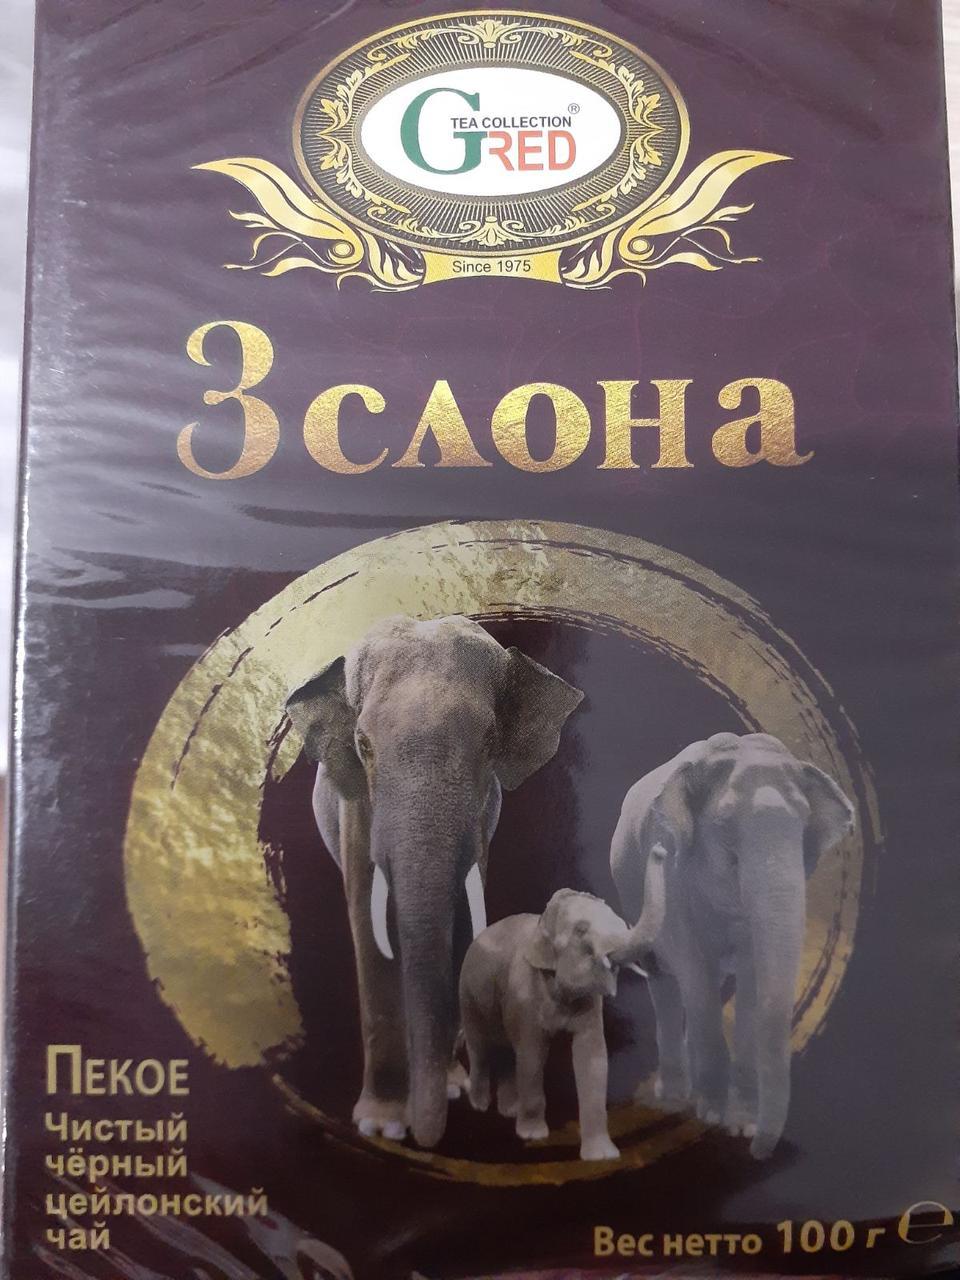 Чёрный Чай  РЕКОЕ 100 грамм